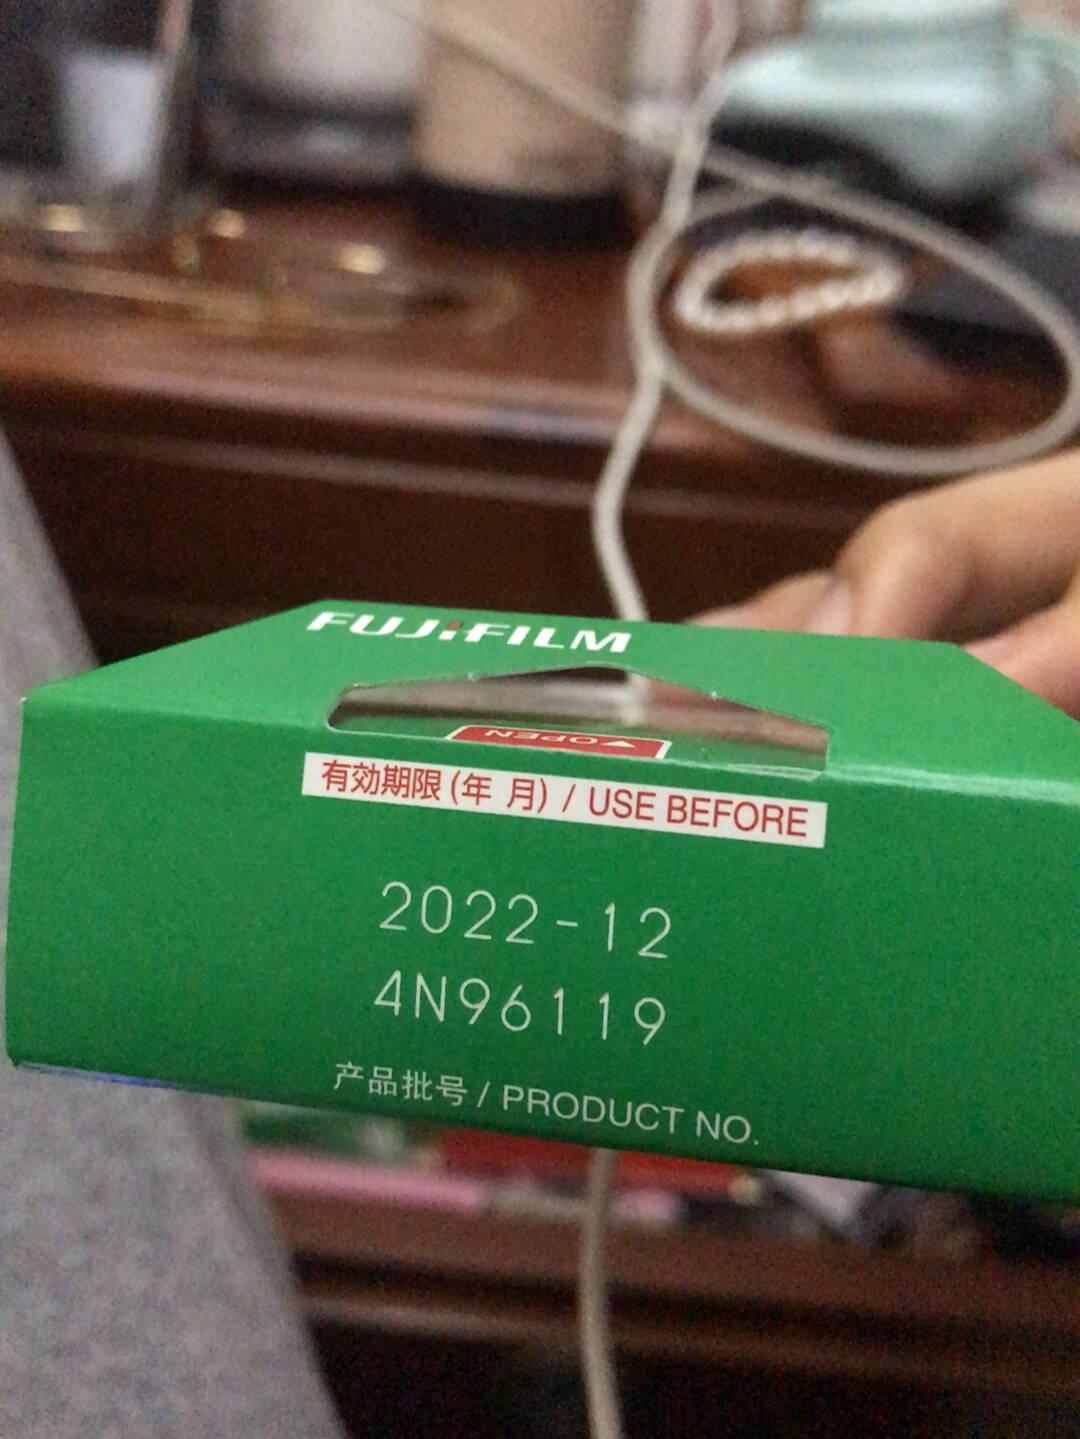 富士instax立拍立得mini相纸彩虹10张(适用于mini7C/7s/9/8/25/90/70/hellokitty/SP-2)